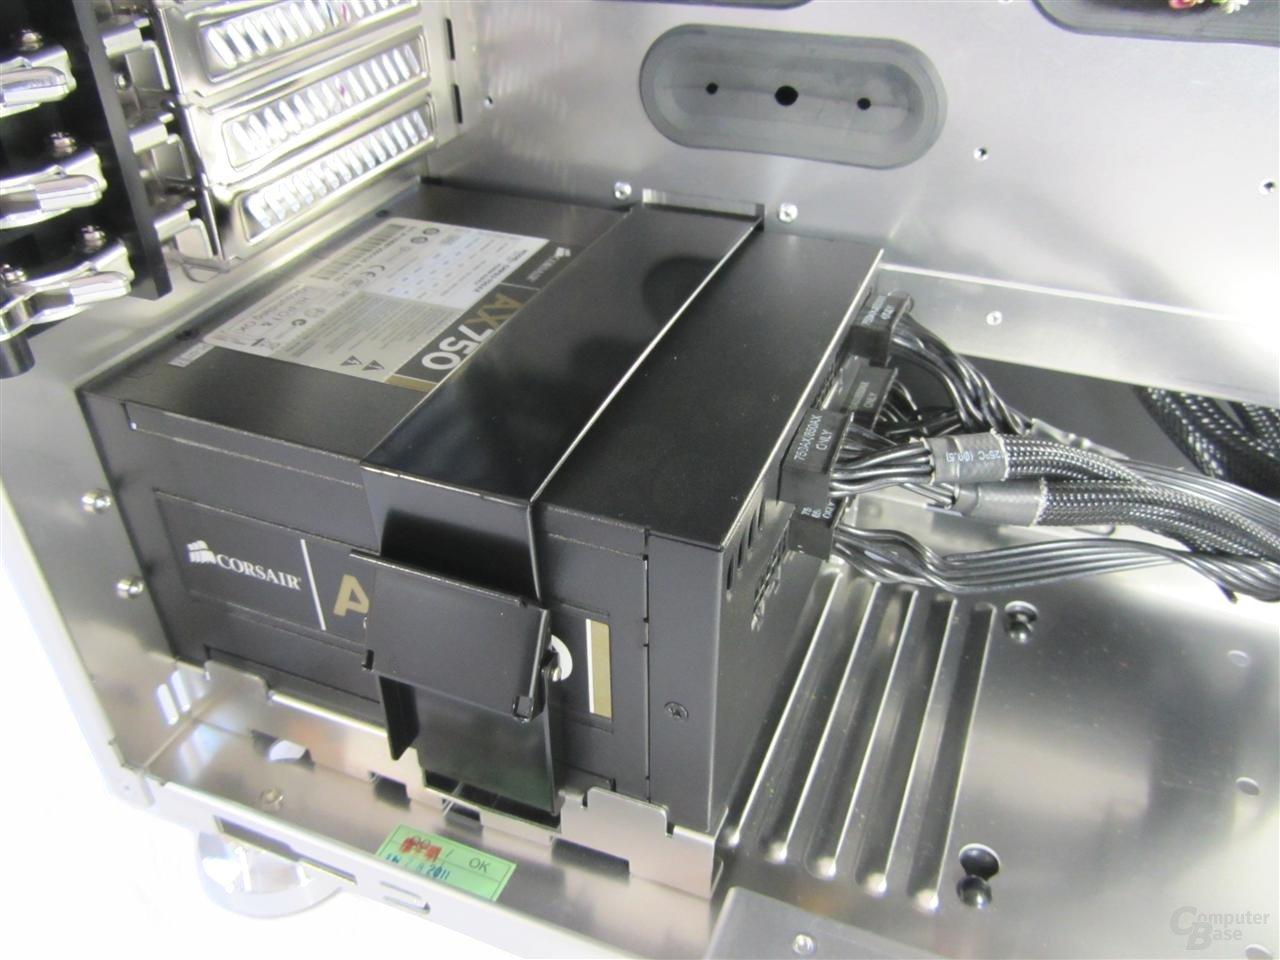 Lian Li Z70 – Innenraum mit Hardware